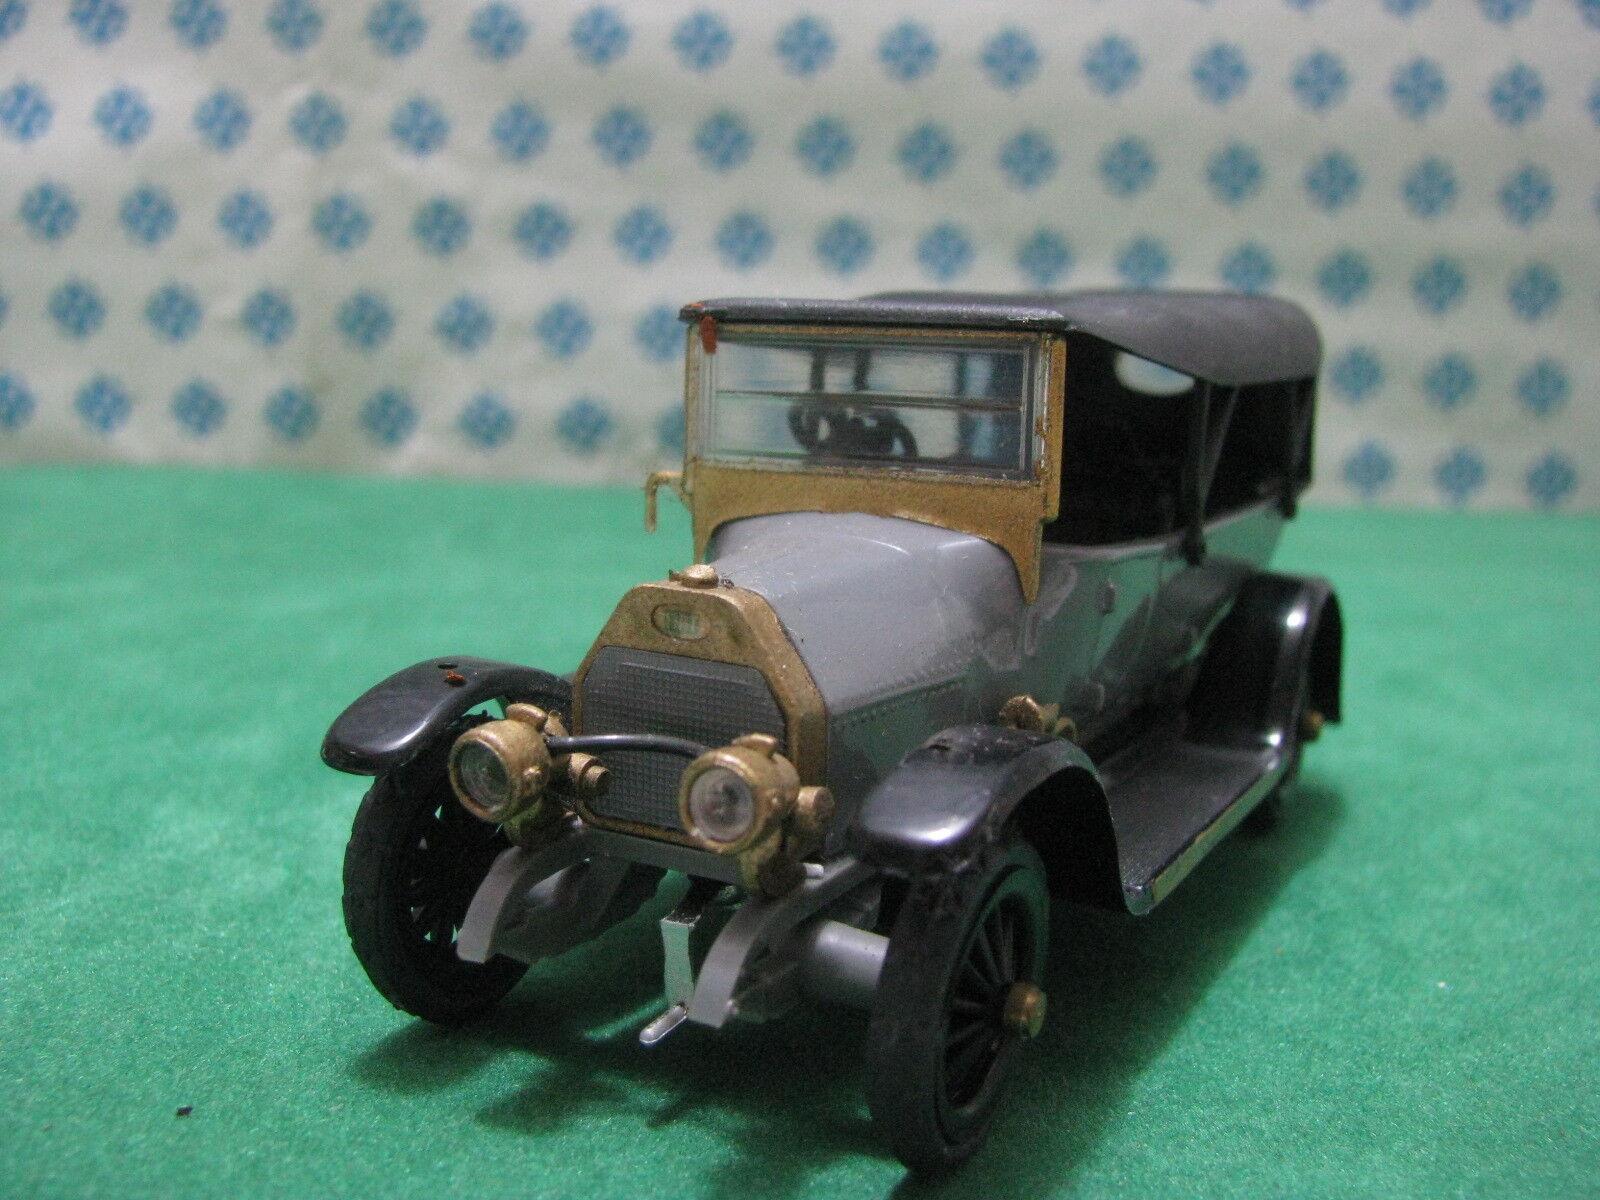 Vintage - FIAT 1911 Torpedo mod.4 mod.4 mod.4 compuerta - 1 43 Dugu n°4  Envio gratis en todas las ordenes